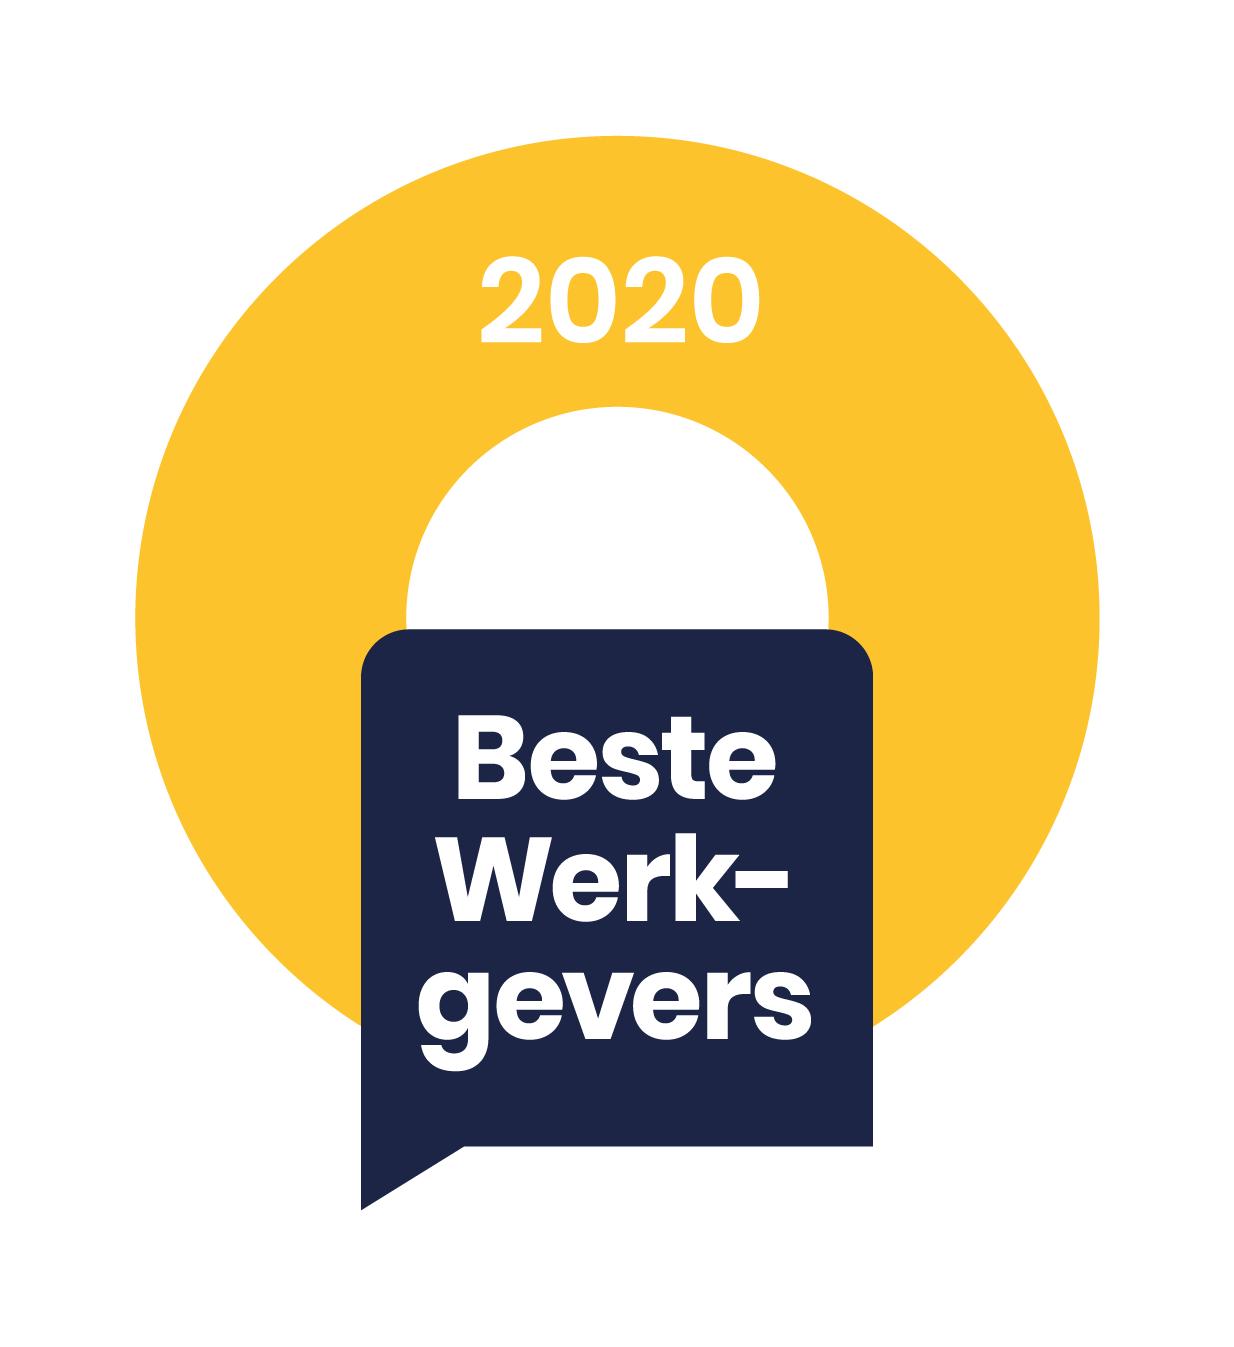 Wcwp 2020 Bw